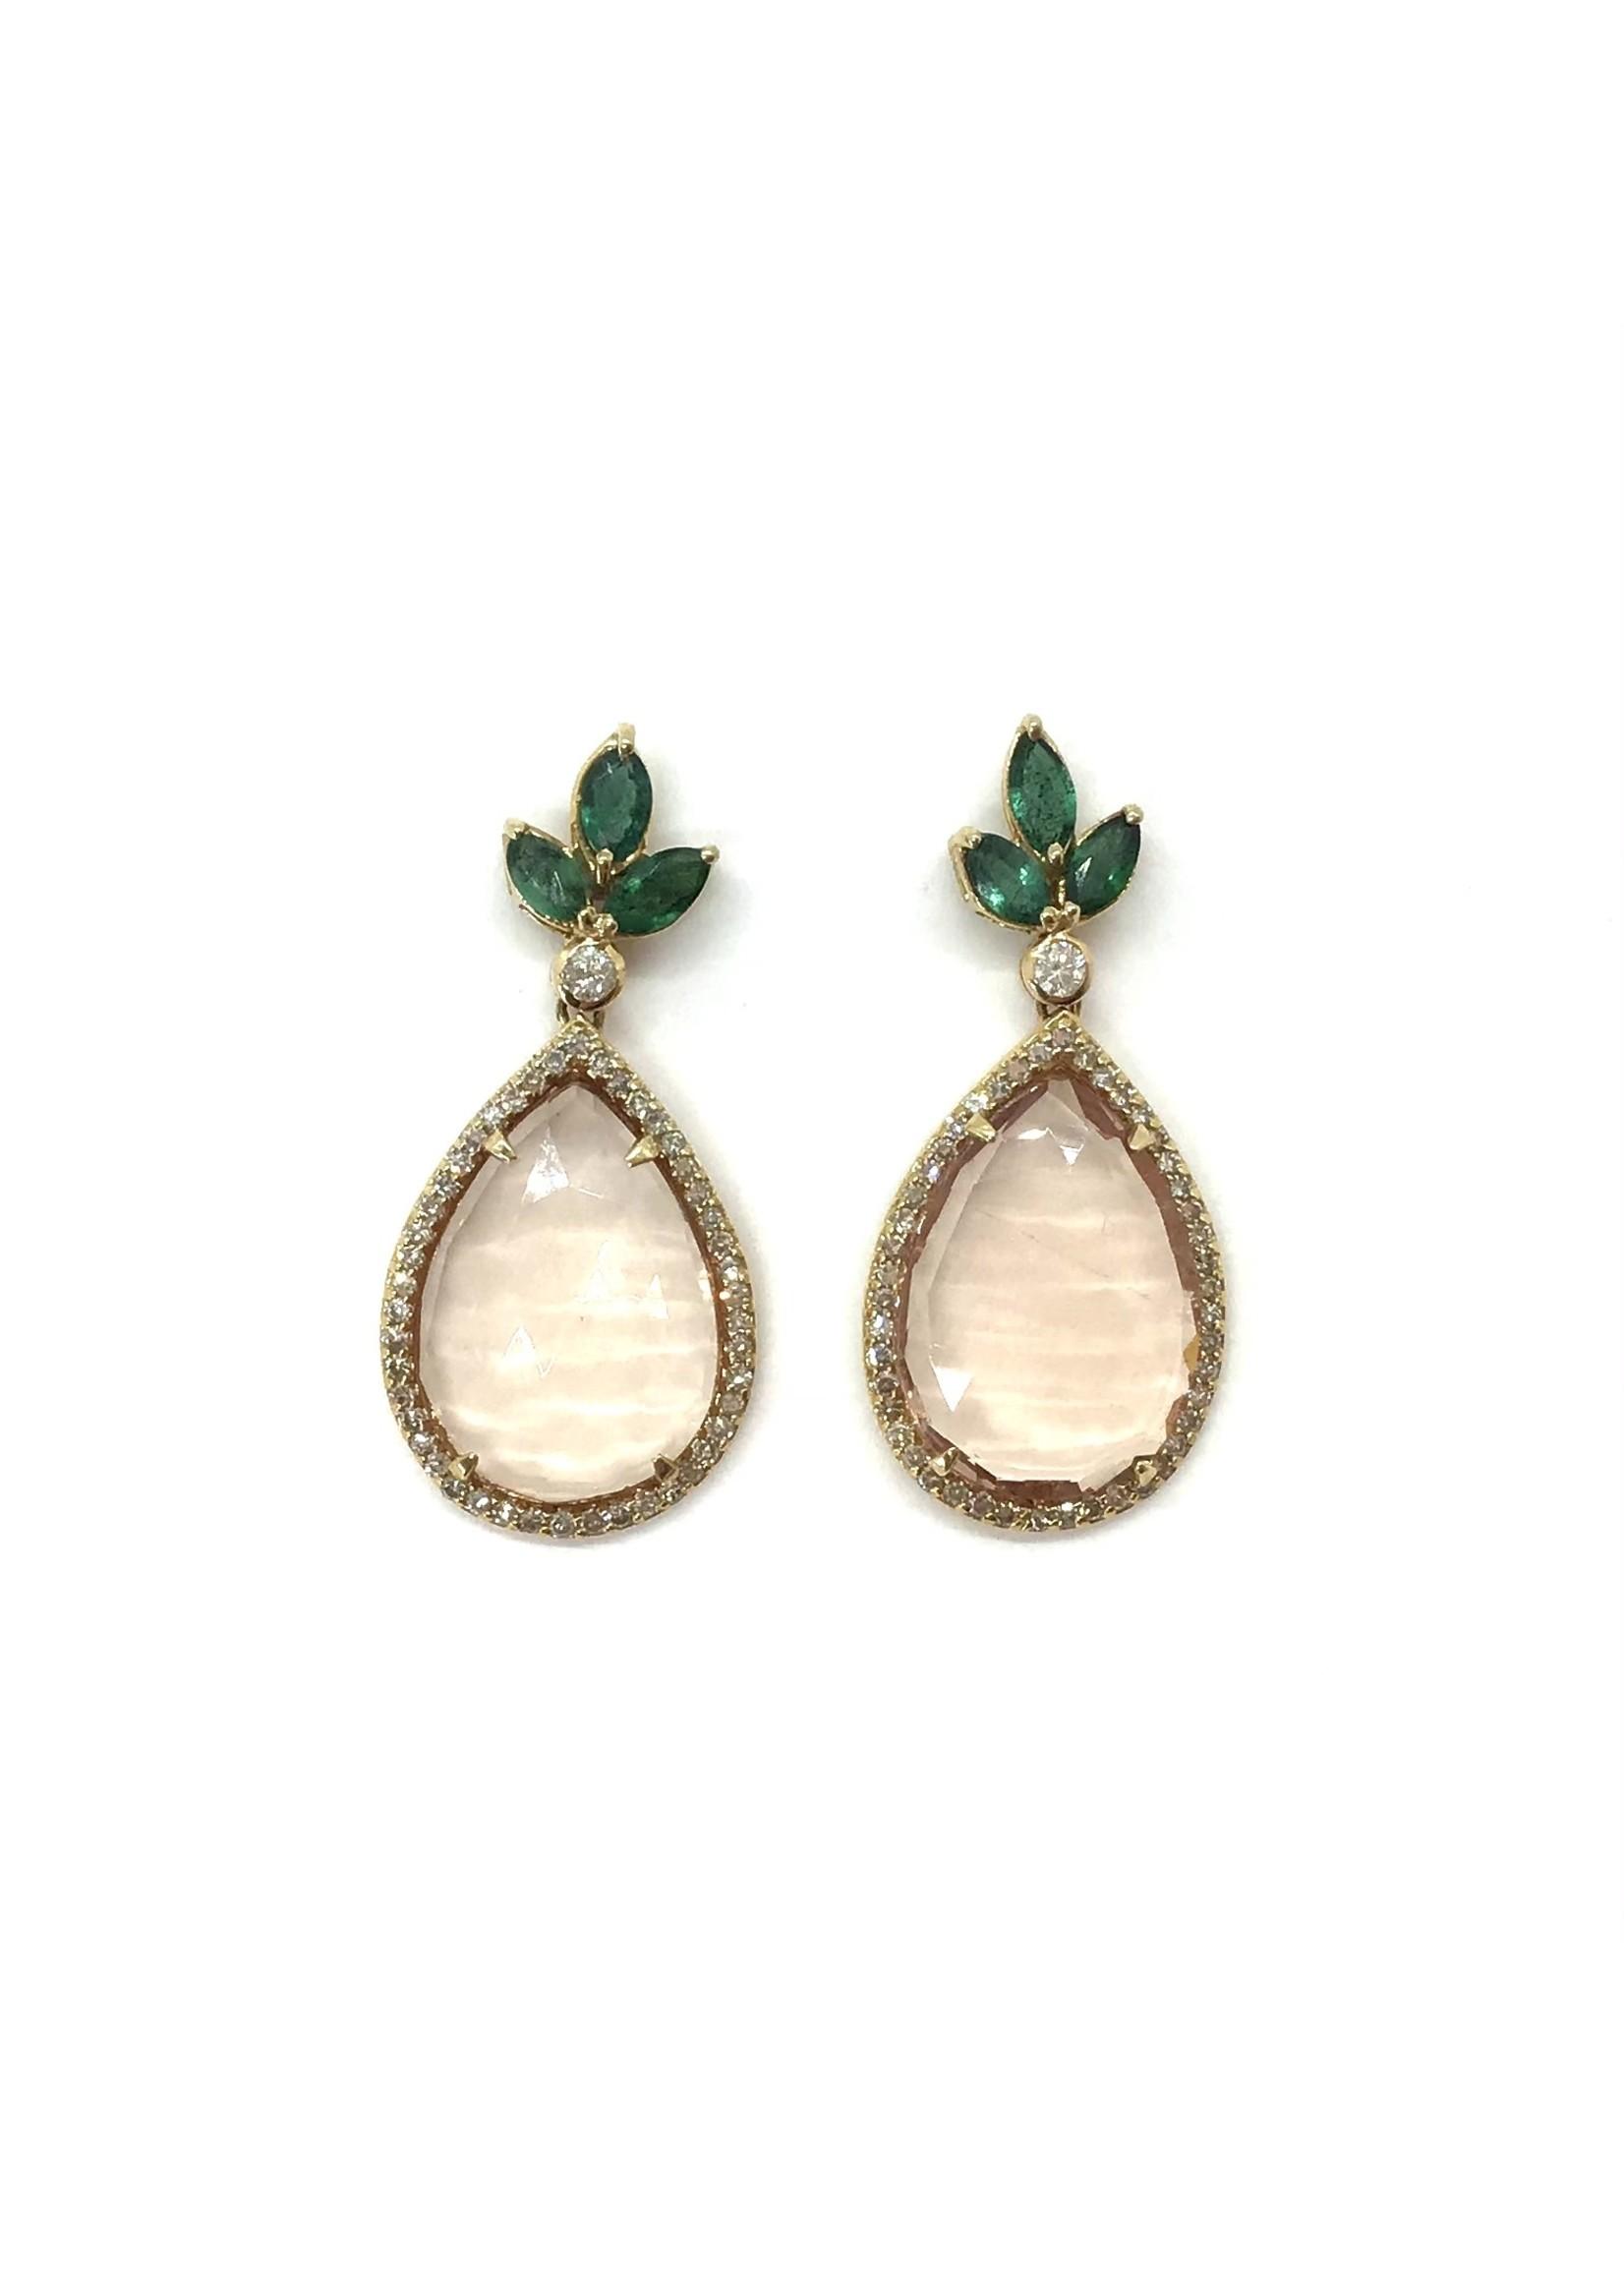 Jill Alberts Morganite, Emerald , & Diamond Earrings